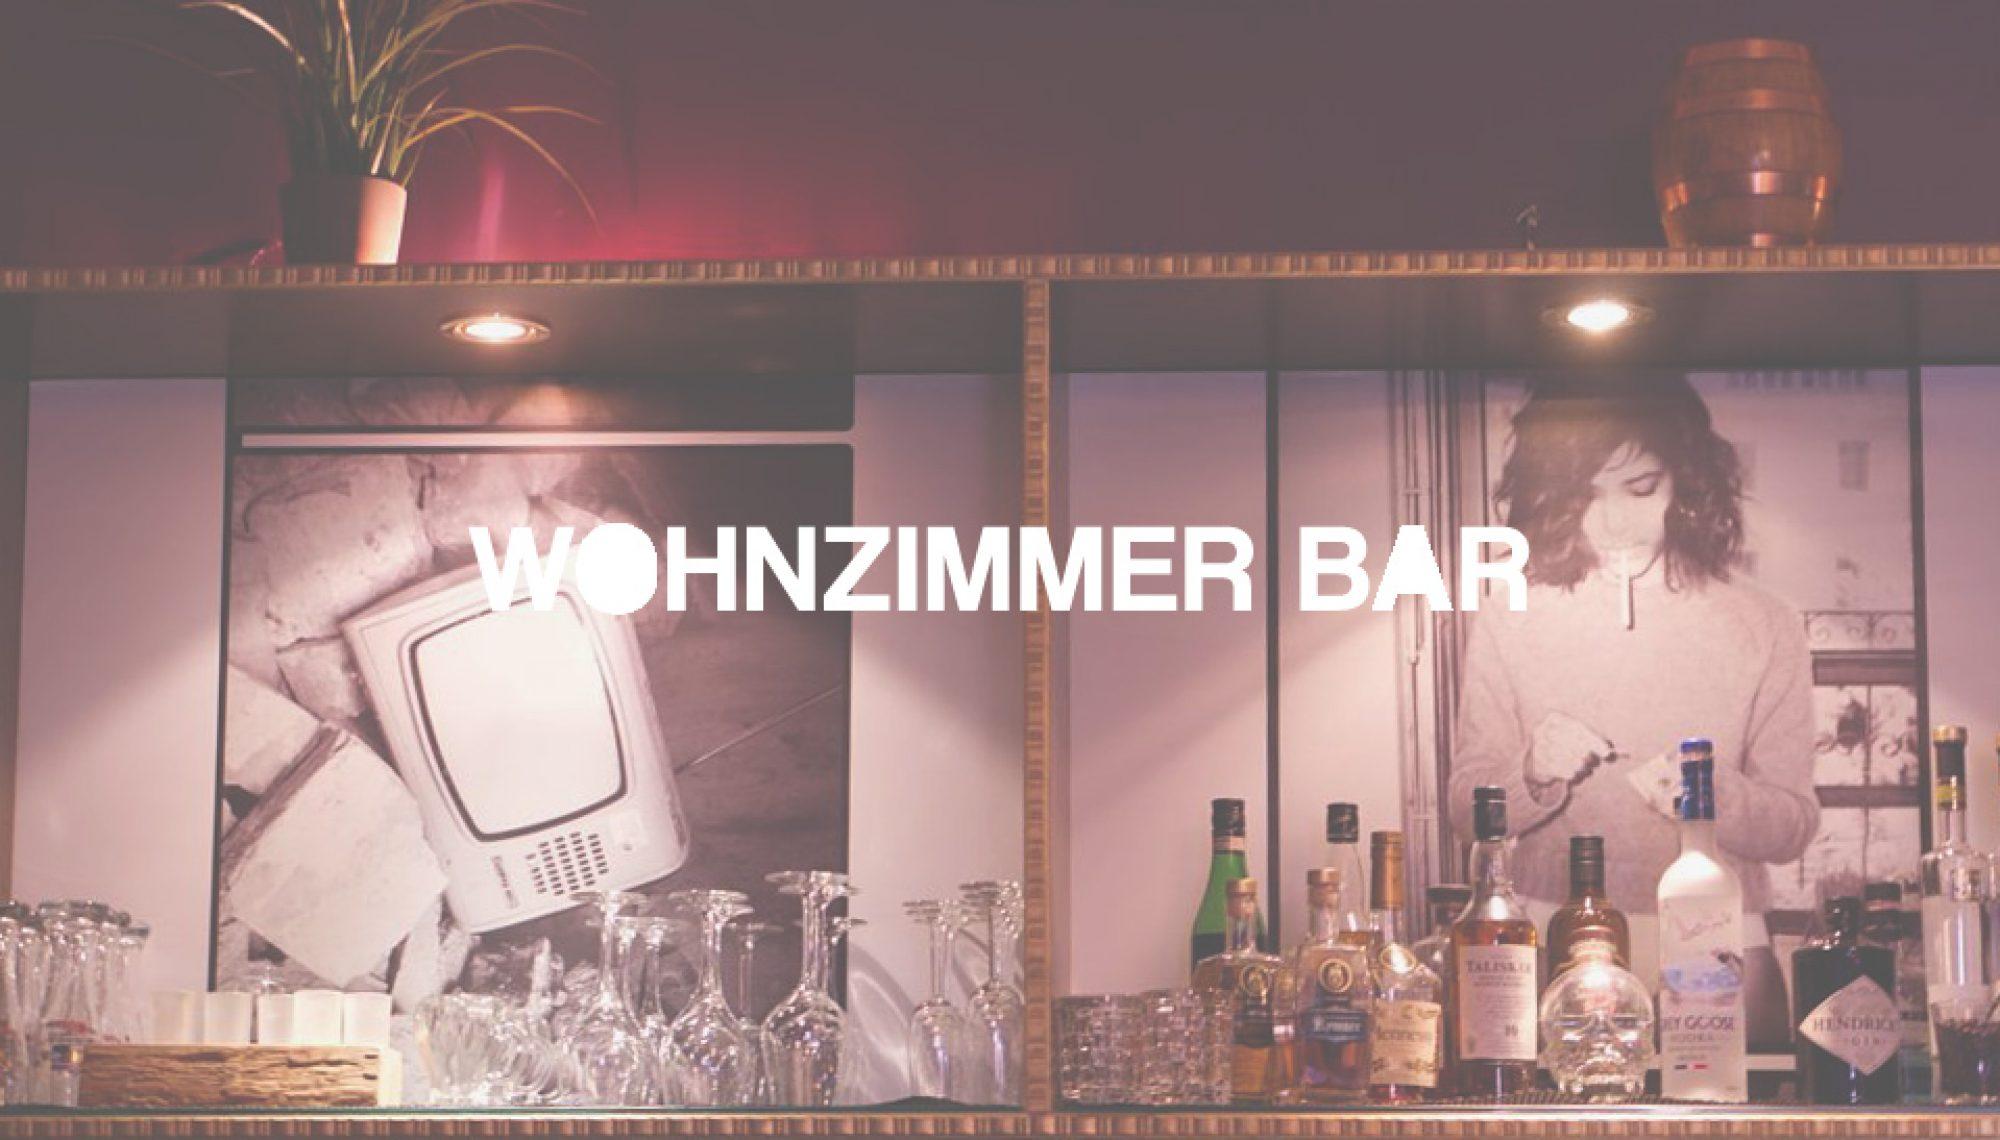 Wohnzimmer Bar – Bar und Partylocation in Traunstein